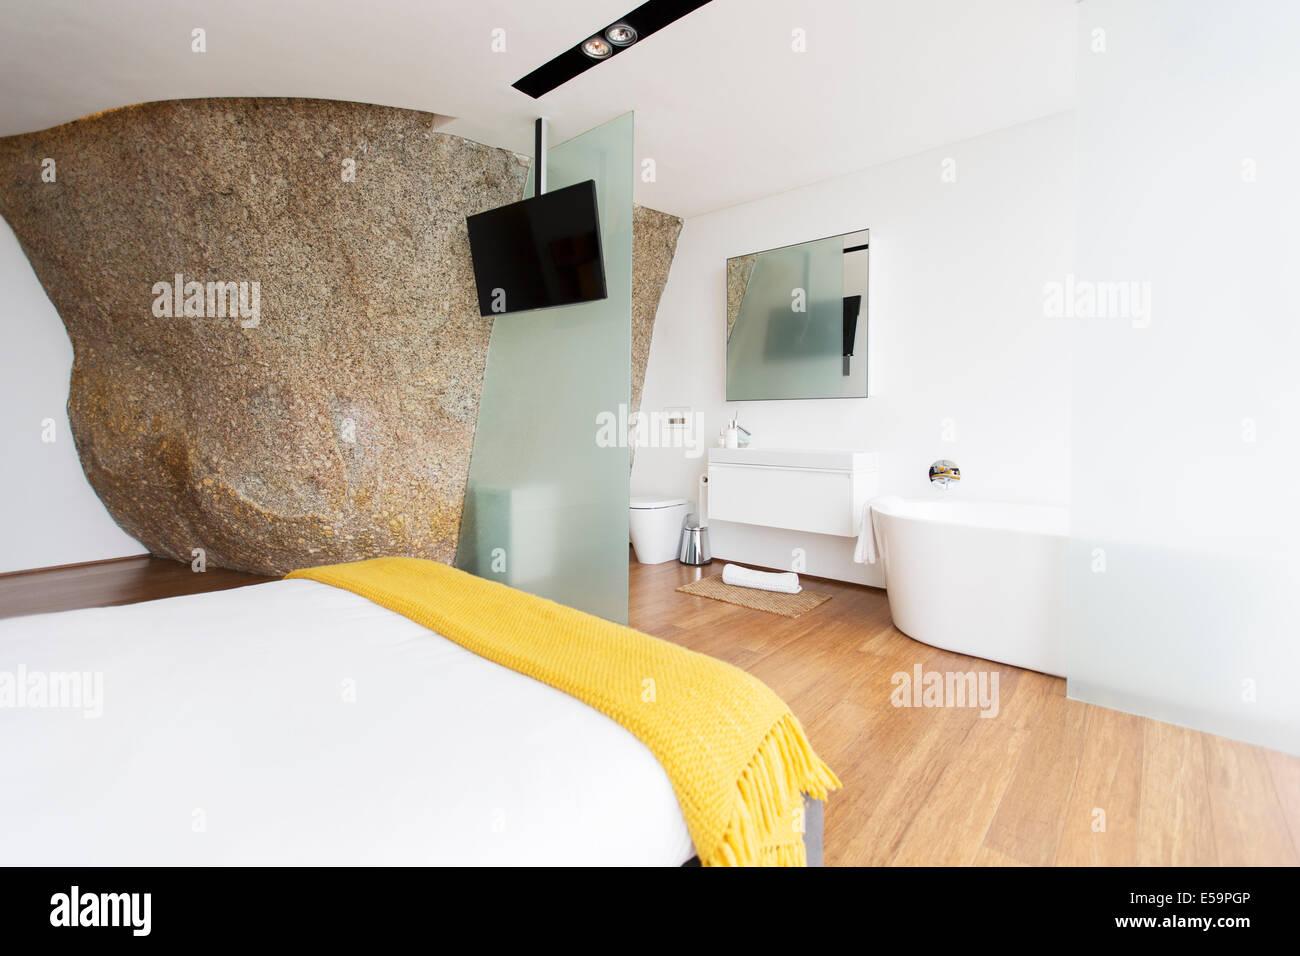 Sliding glass door of modern en suite bathroom - Stock Image